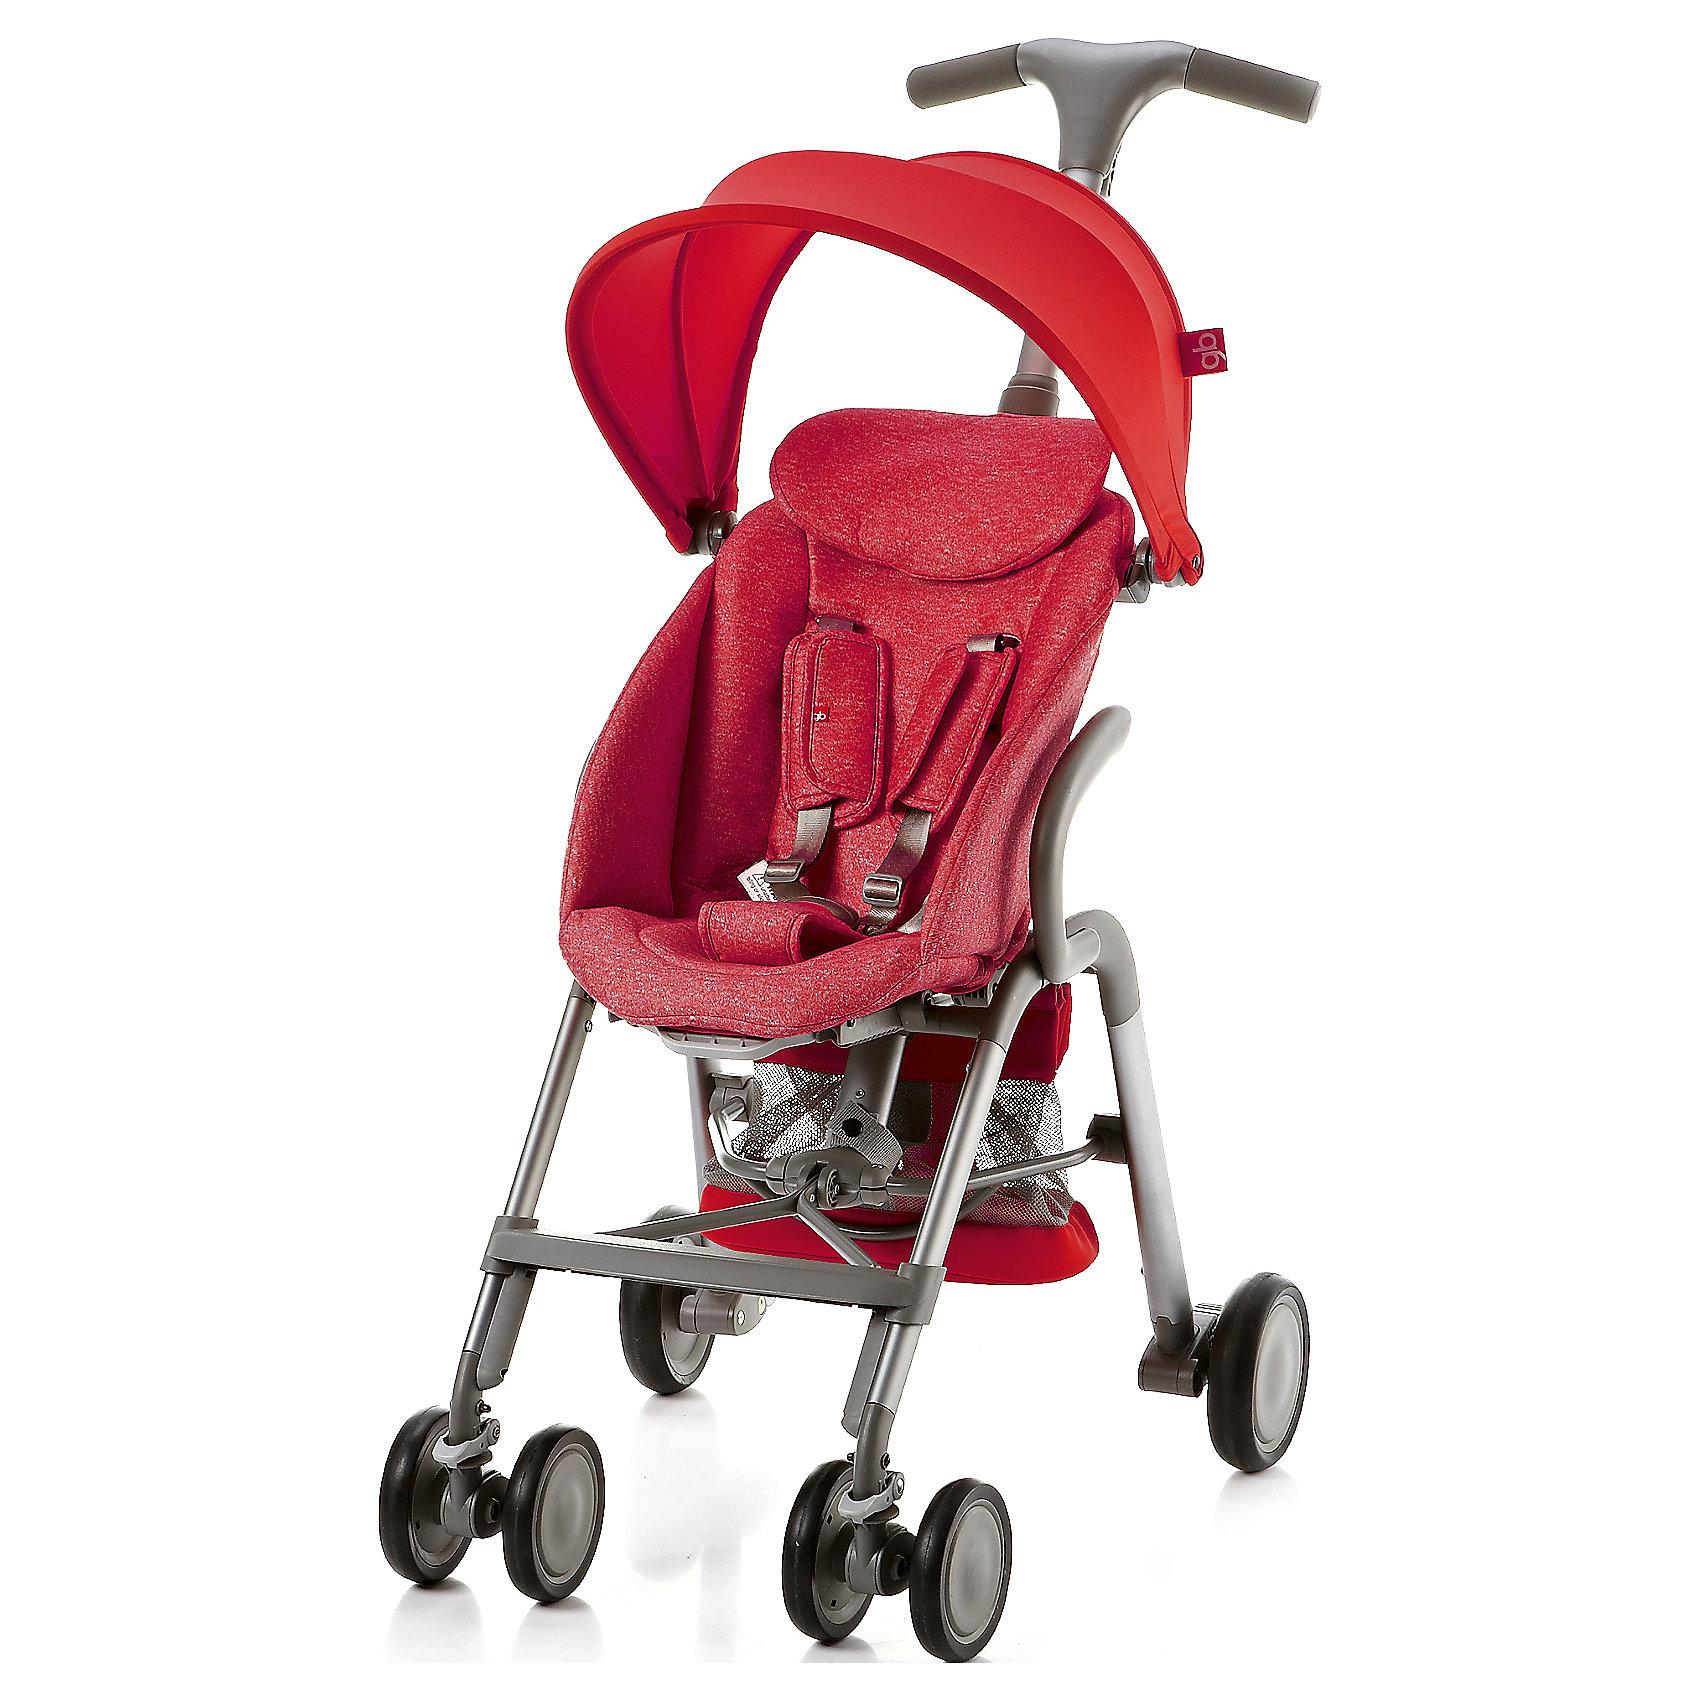 Прогулочная коляска GB T-BAR D330J, красныйПрогулочные коляски<br>Коляска прогулочная T-BAR D330J, GB, красный<br><br>Характеристики:<br><br>- в набор входит: коляска, козырек <br>- материал: алюминий, текстиль, пластик<br>- колеса: EVA-резина и полиуретан<br>- размер разложенной коляски: 53 * 91 * 105 см.<br>- размер в сложенном виде: 53 * 40 * 91 см.<br>- вес коляски: 7,6 кг.<br><br>Надежная коляска от известного международного европейского бренда товаров для детей GB (ДжиБи) сделает прогулку с малышом комфортным приключением. Стильный дизайн и качественное исполнение позволят коляске прослужить много лет. Т-образная ручка обеспечивает наибольшую маневренность в городе и ее высота регулируется в три положения. Стильный козырек закрывает малыша от яркого солнца и удобно регулируется, давая возможность полностью закрыть малыша спереди. Спинка сидения регулируется в два положения, в которых малыш сможет немного отдохнуть, а мягкий регулирующийся подголовник добавит малышу комфорта. Прочные бесшумные двойные передние колеса поворачиваются (можно зафиксировать), задние колеса оснащены амортизацией, такое сочетание позволяет осуществить наибольшую проходимость и устойчивость коляски. Для удобства хранения и перемещения коляска легко складывается по принципу «книжка». Безопасность малыша обеспечивает пятиточечный ремень с мягкими накладками. Небольшая корзина коляски легка в доступе и позволит взять с собой самое необходимое на прогулку. С этой легкой и компактной коляской вы будете чувствовать себя уверенно как на прогулке, так и в магазине.<br><br>Коляску прогулочную T-BAR D330J, красный, GB (ДжиБи) можно купить в нашем интернет-магазине.<br><br>Ширина мм: 900<br>Глубина мм: 500<br>Высота мм: 300<br>Вес г: 9000<br>Возраст от месяцев: 6<br>Возраст до месяцев: 36<br>Пол: Унисекс<br>Возраст: Детский<br>SKU: 5176046